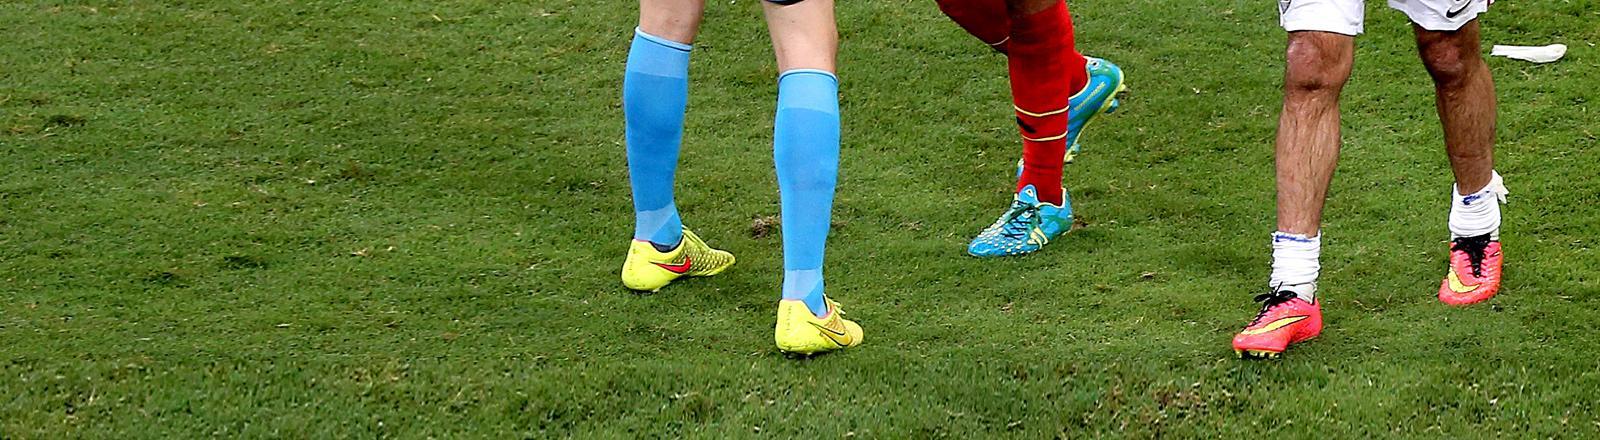 Die Beine zweier Fußballer.